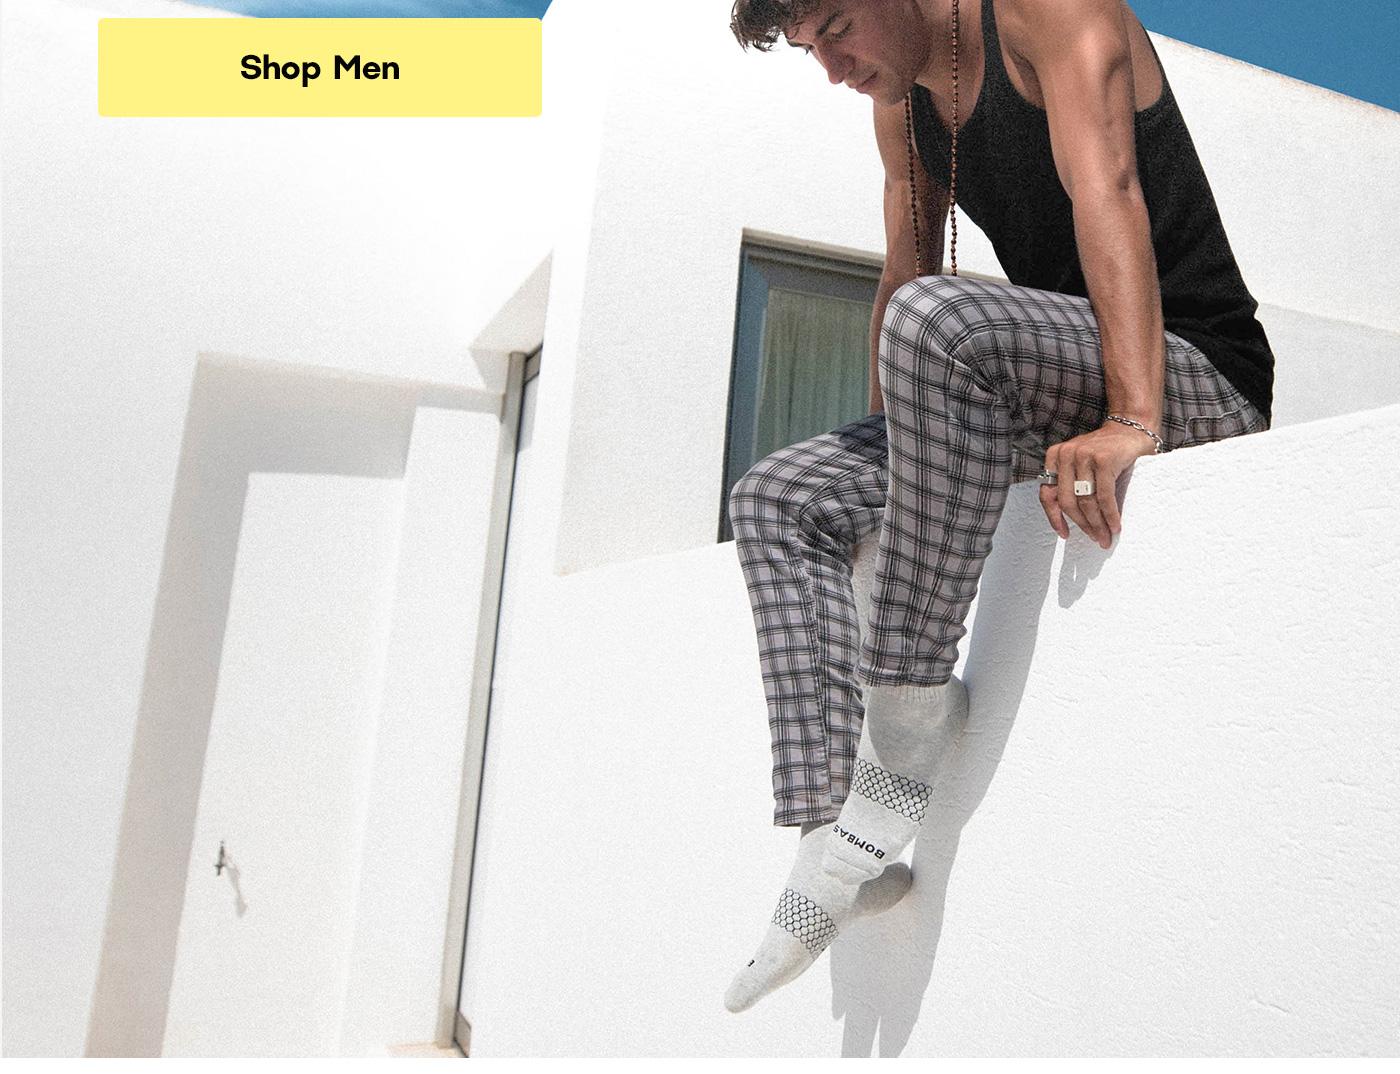 [Shop Men]